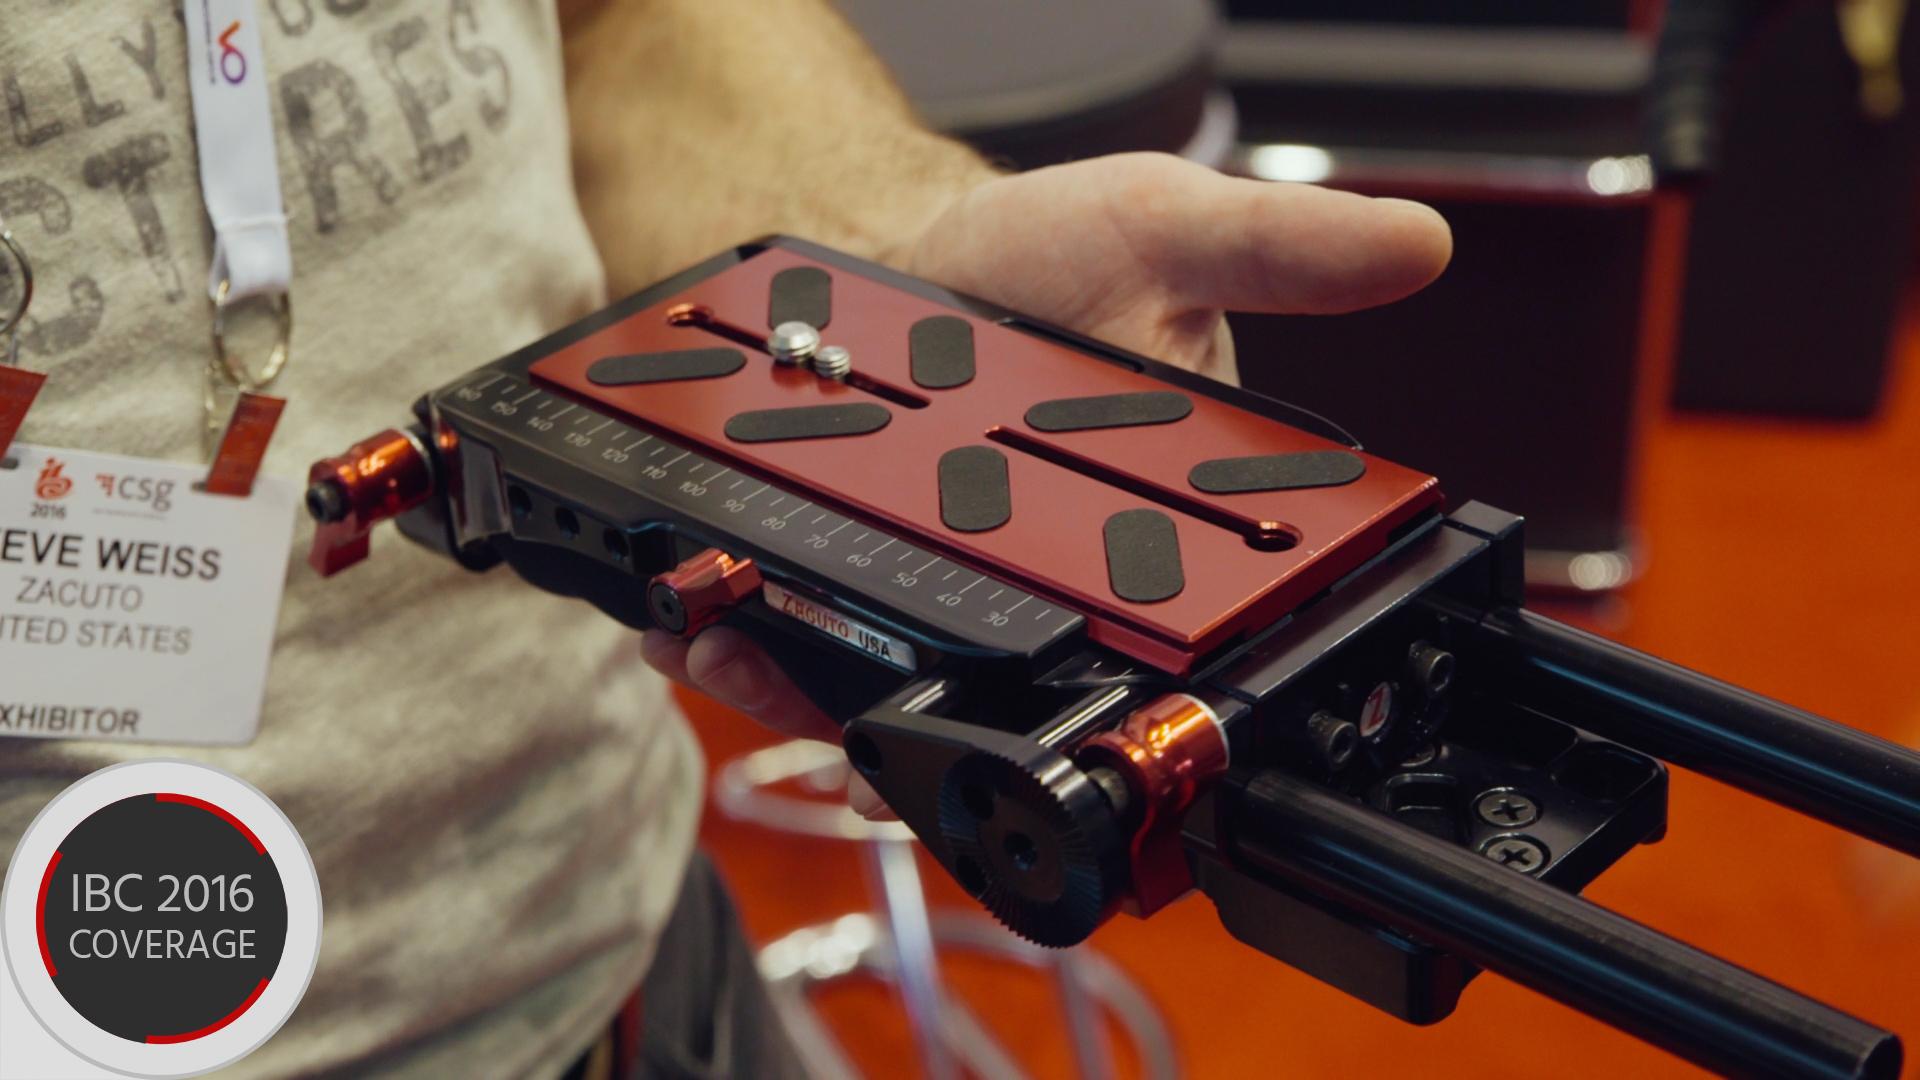 Zacutoが新しいVCT Proプレートを発表 - スライドパネルとロッド装着可能